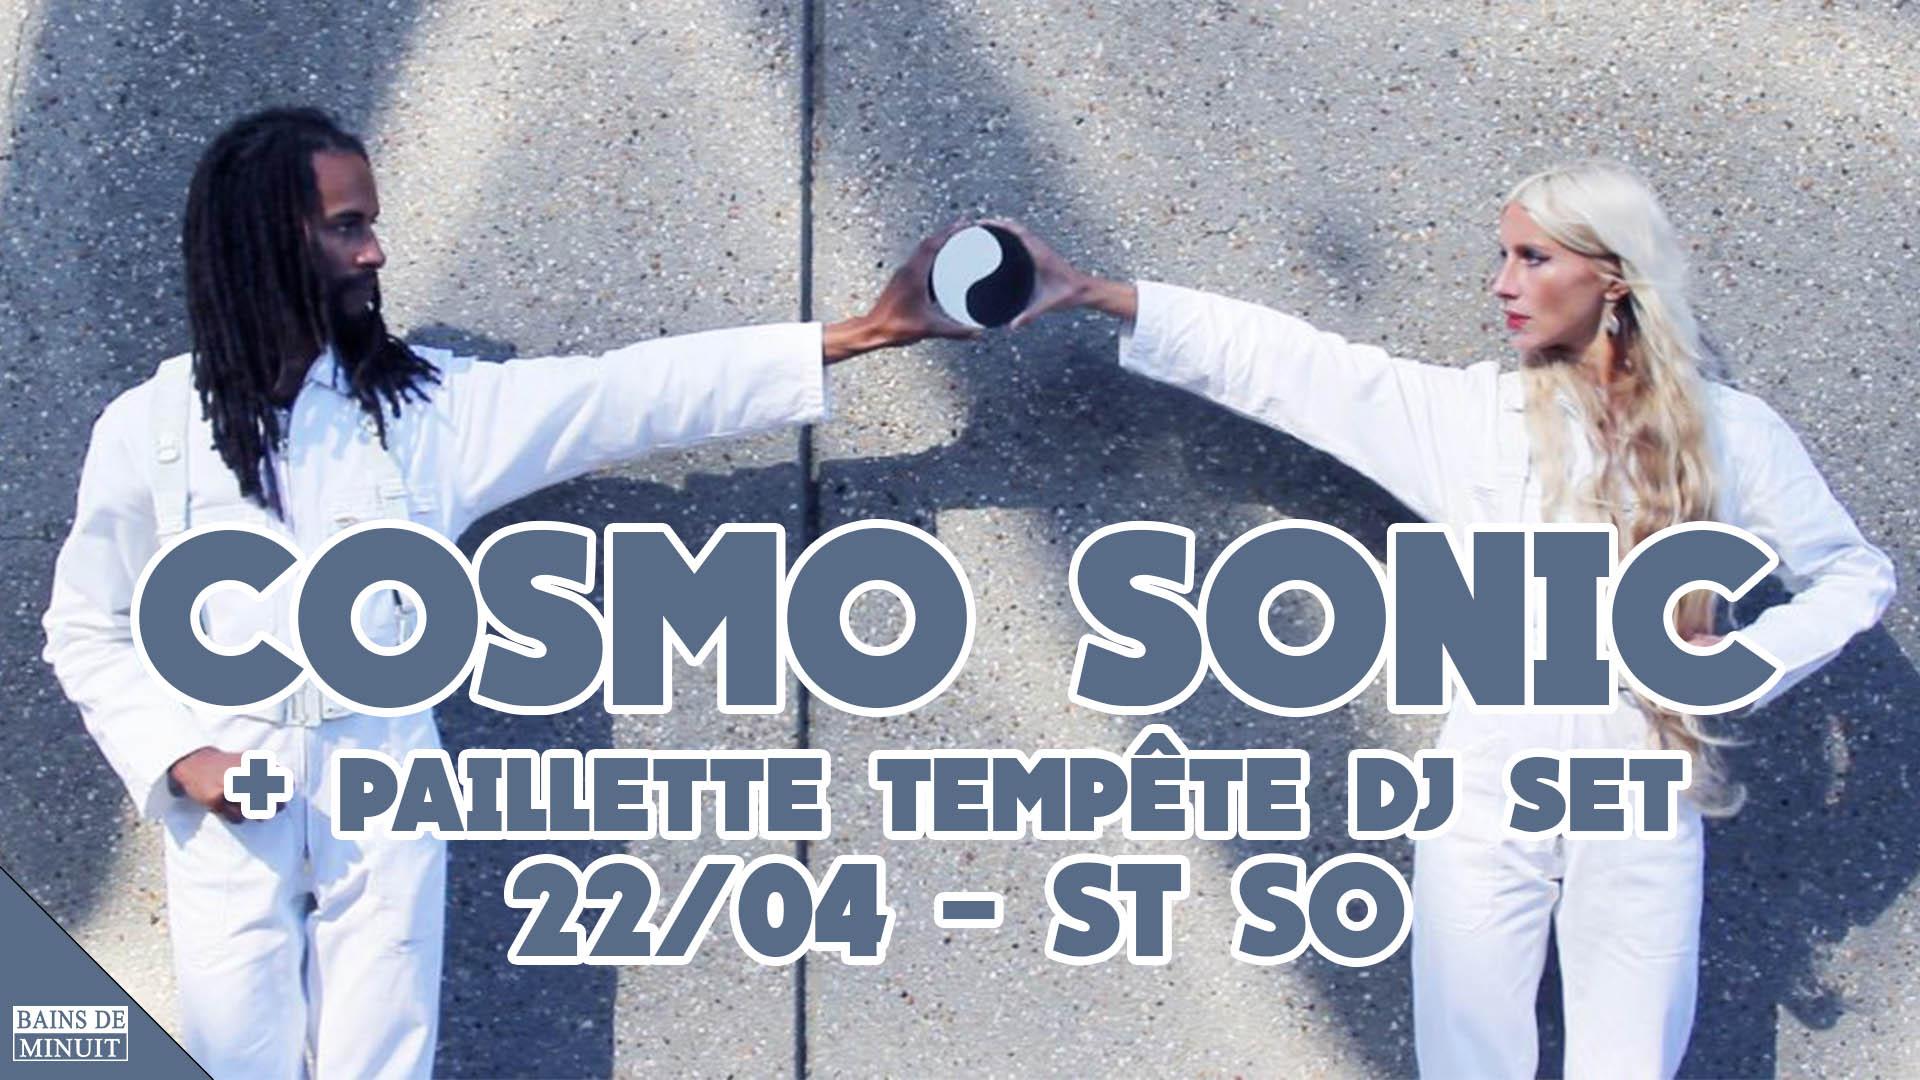 22/04 – COSMO SONIC + Paillette Tempête dj set / Gare Saint Sauveur, Lille